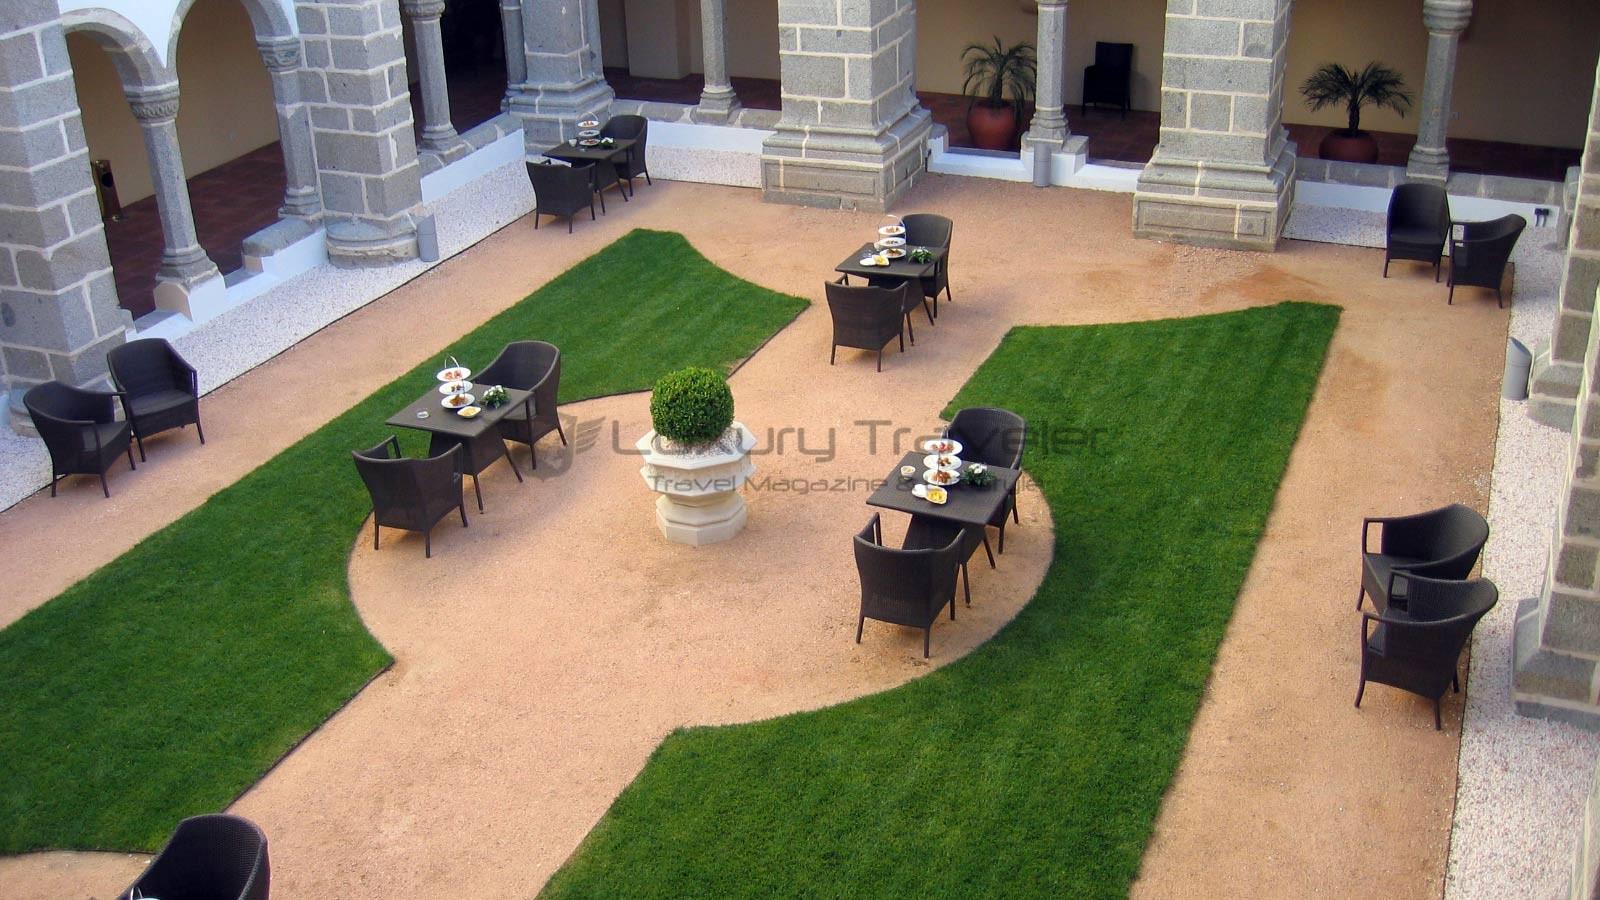 Convento_Espinheiro_Hotel_Evora_Starwood_Cloisters